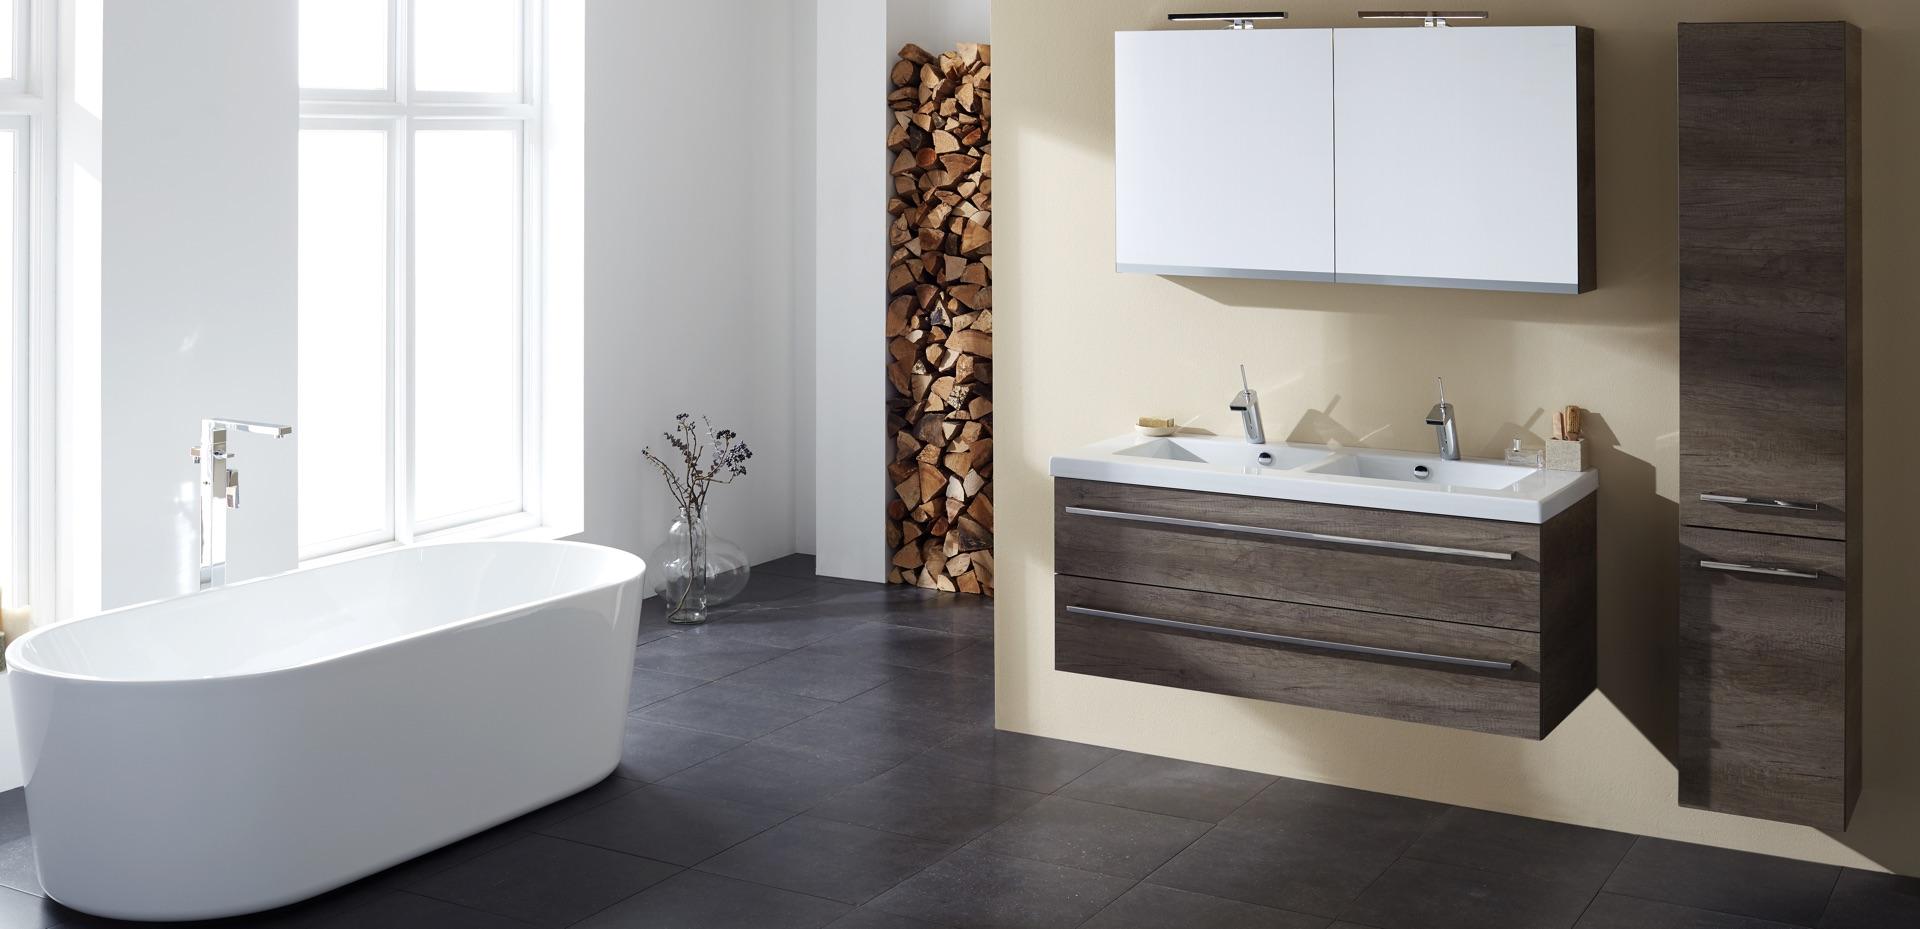 mijn-bad-in-stijl-badkamer-zwart-bruin-wit